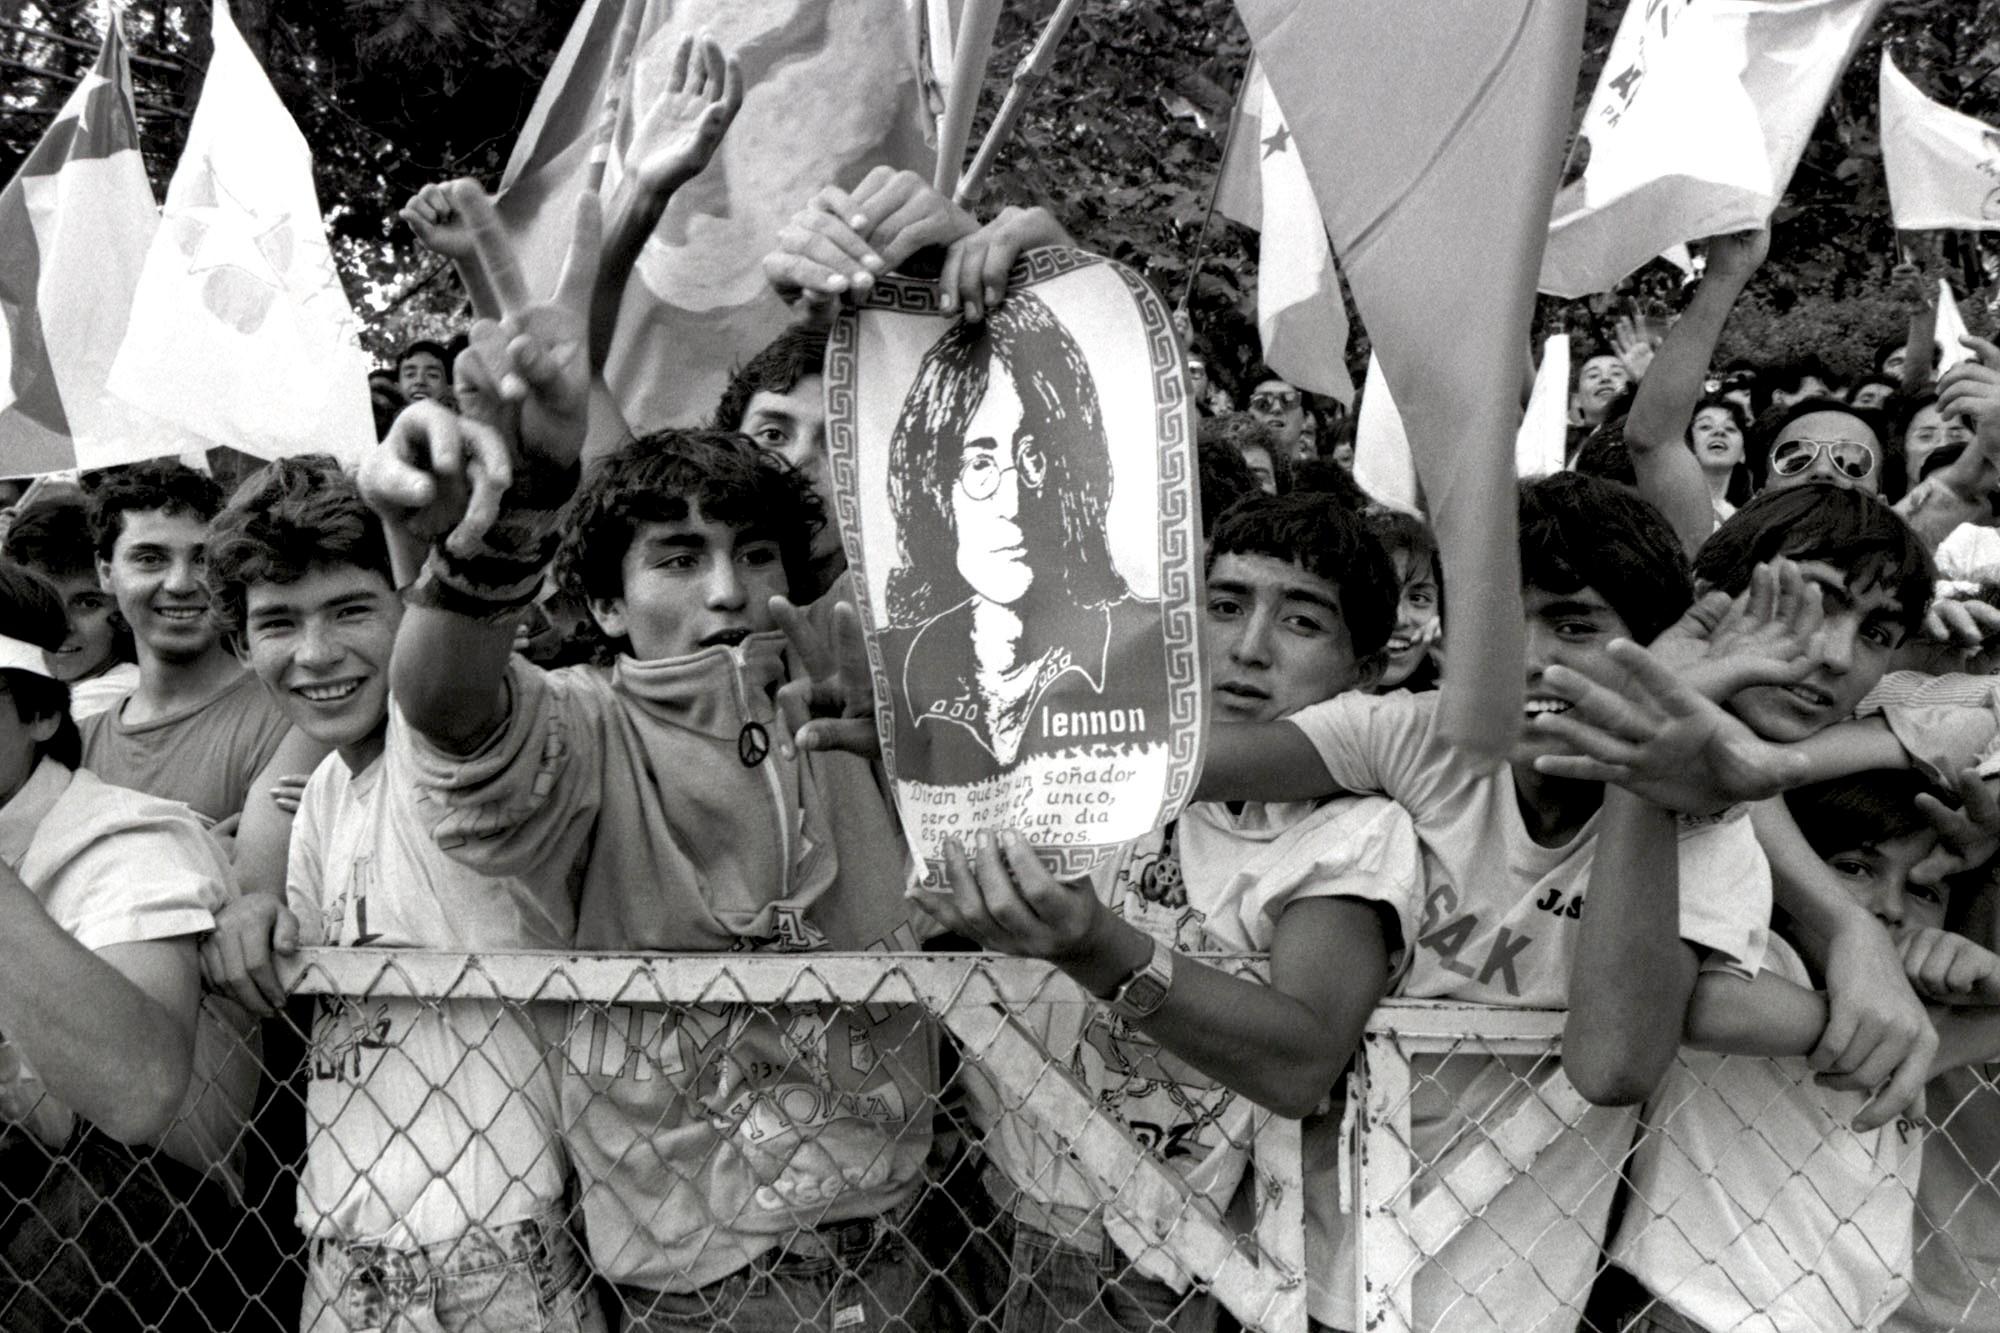 Enrique Cerda Taverne exhibe '1989-1990' en el Museo de la Memoria